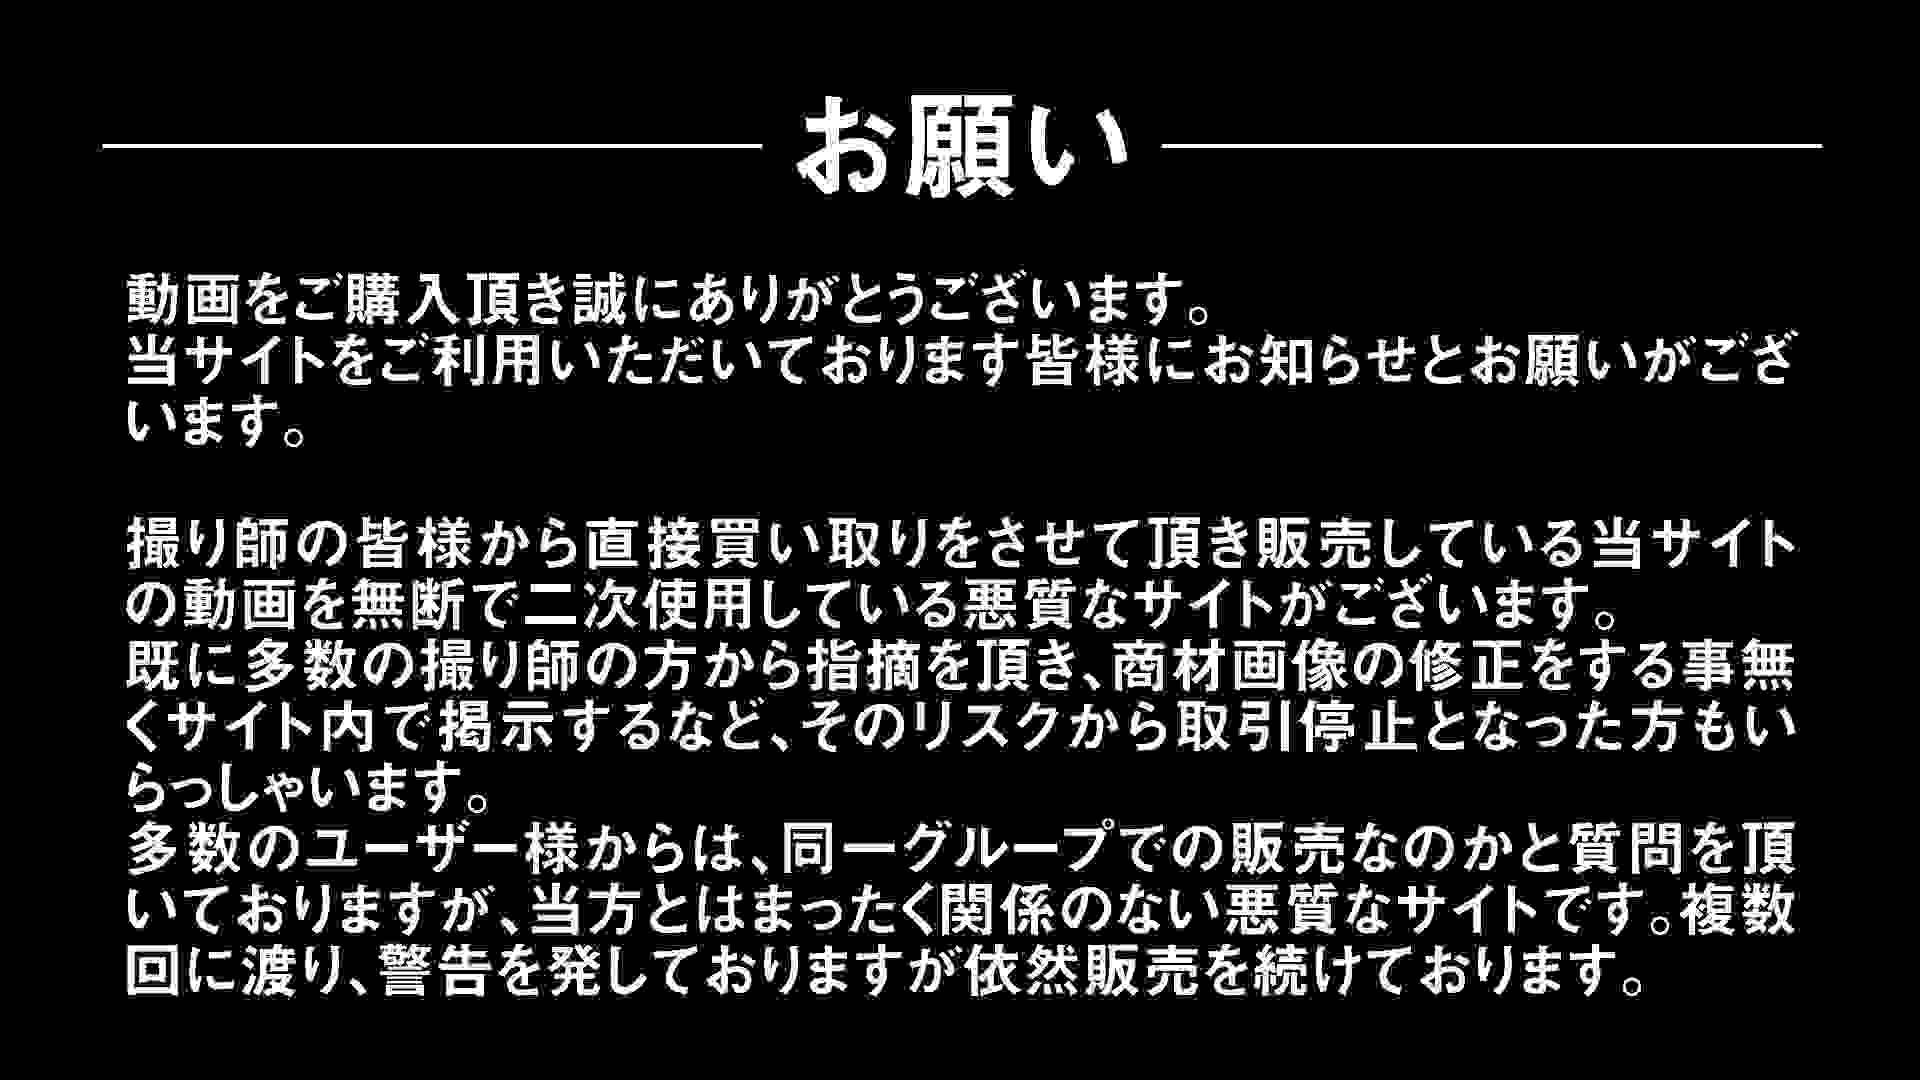 Aquaな露天風呂Vol.299 盗撮大放出 | 0  45連発 1